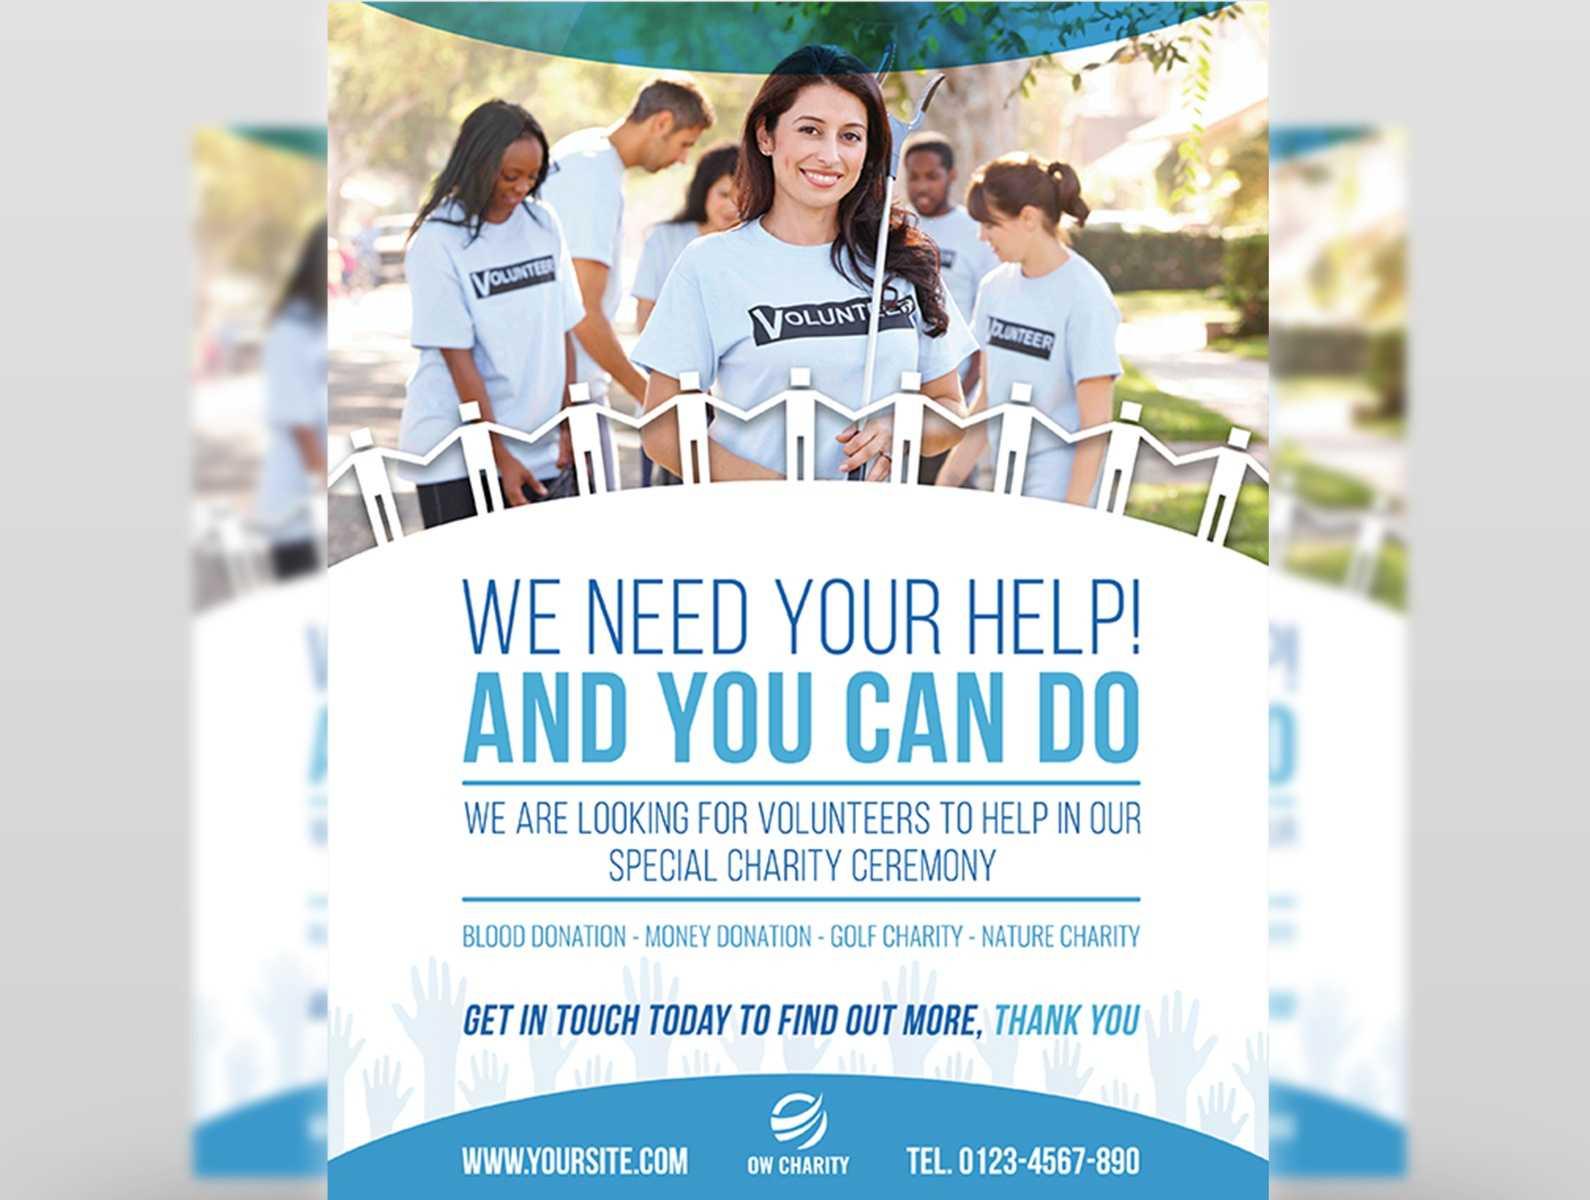 Volunteer Flyer Templateowpictures On Dribbble Pertaining To Volunteer Brochure Template